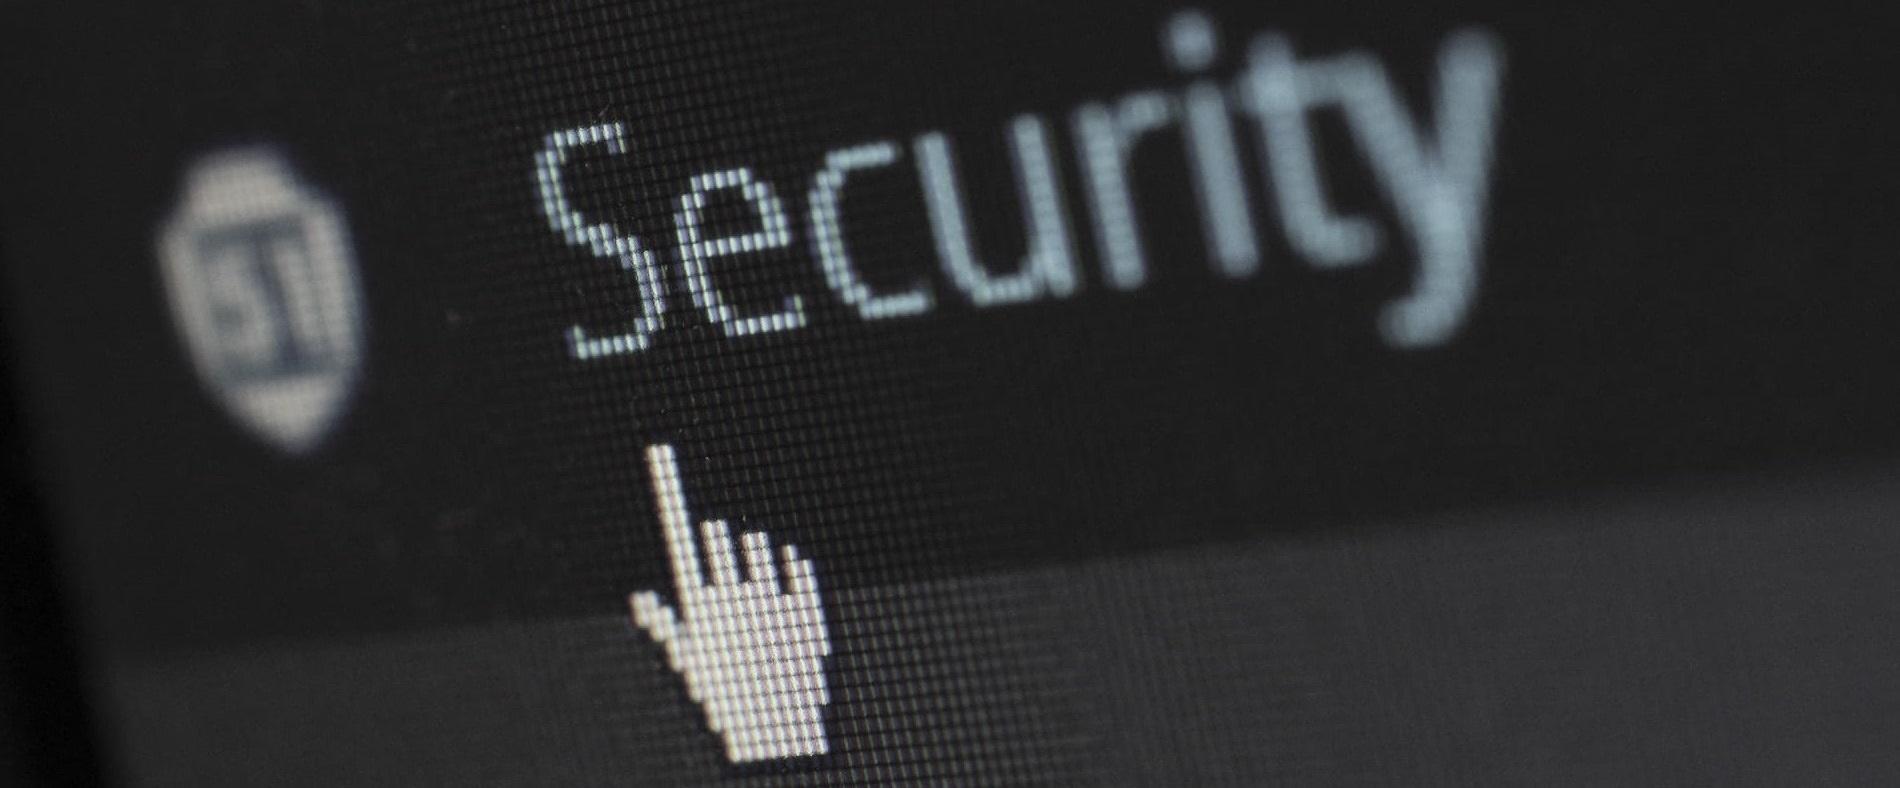 Newsalert - Approvato il Regolamento in materia di perimetro di sicurezza nazionale cibernetica